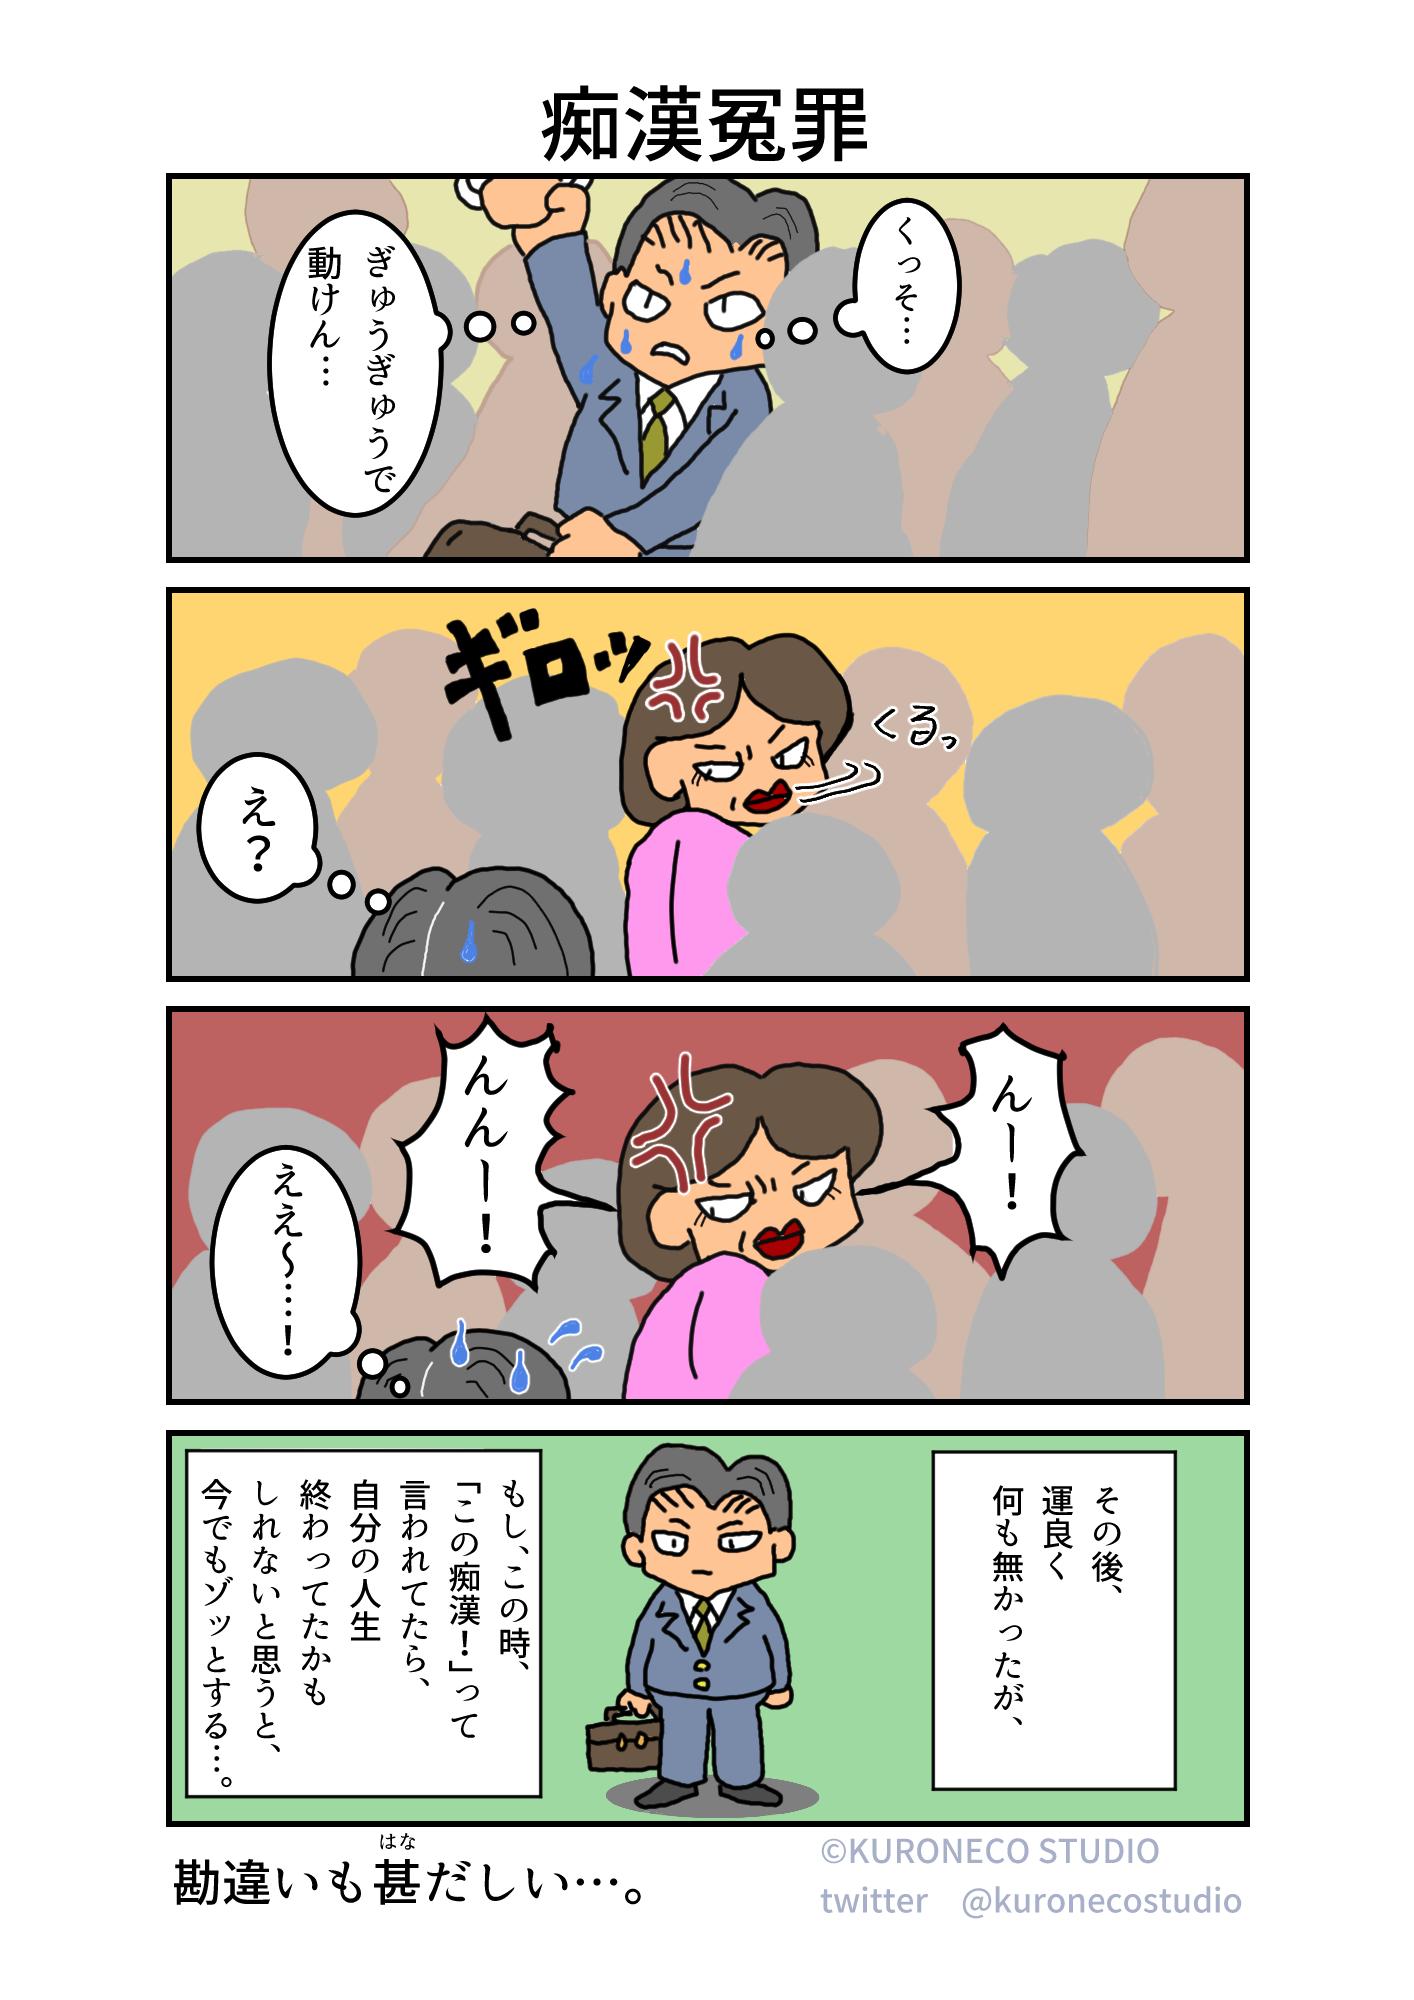 jibun_manga_0004